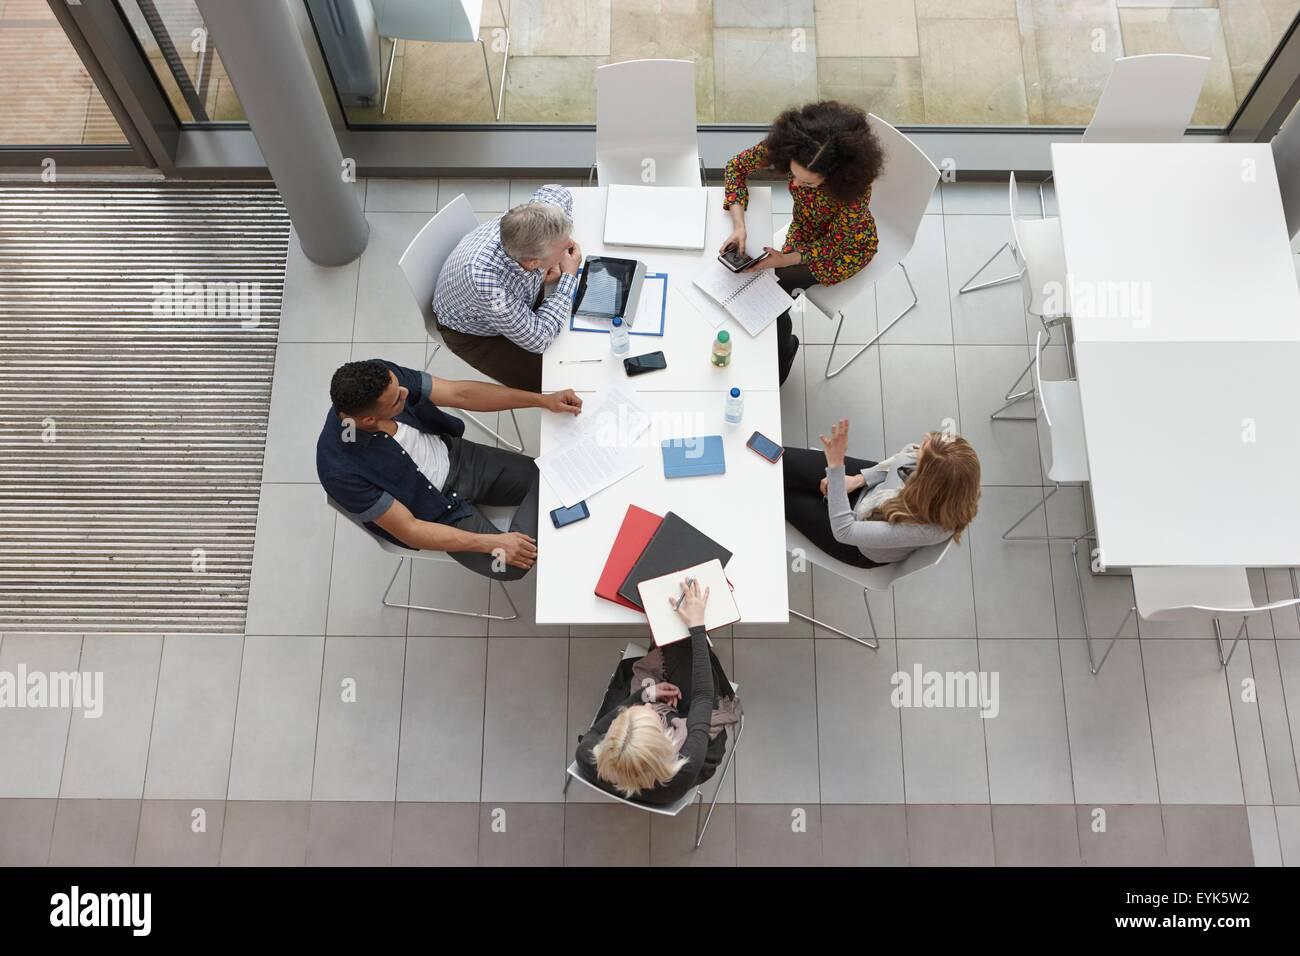 Vue supérieure de l'entreprise team having meeting at conference table Banque D'Images